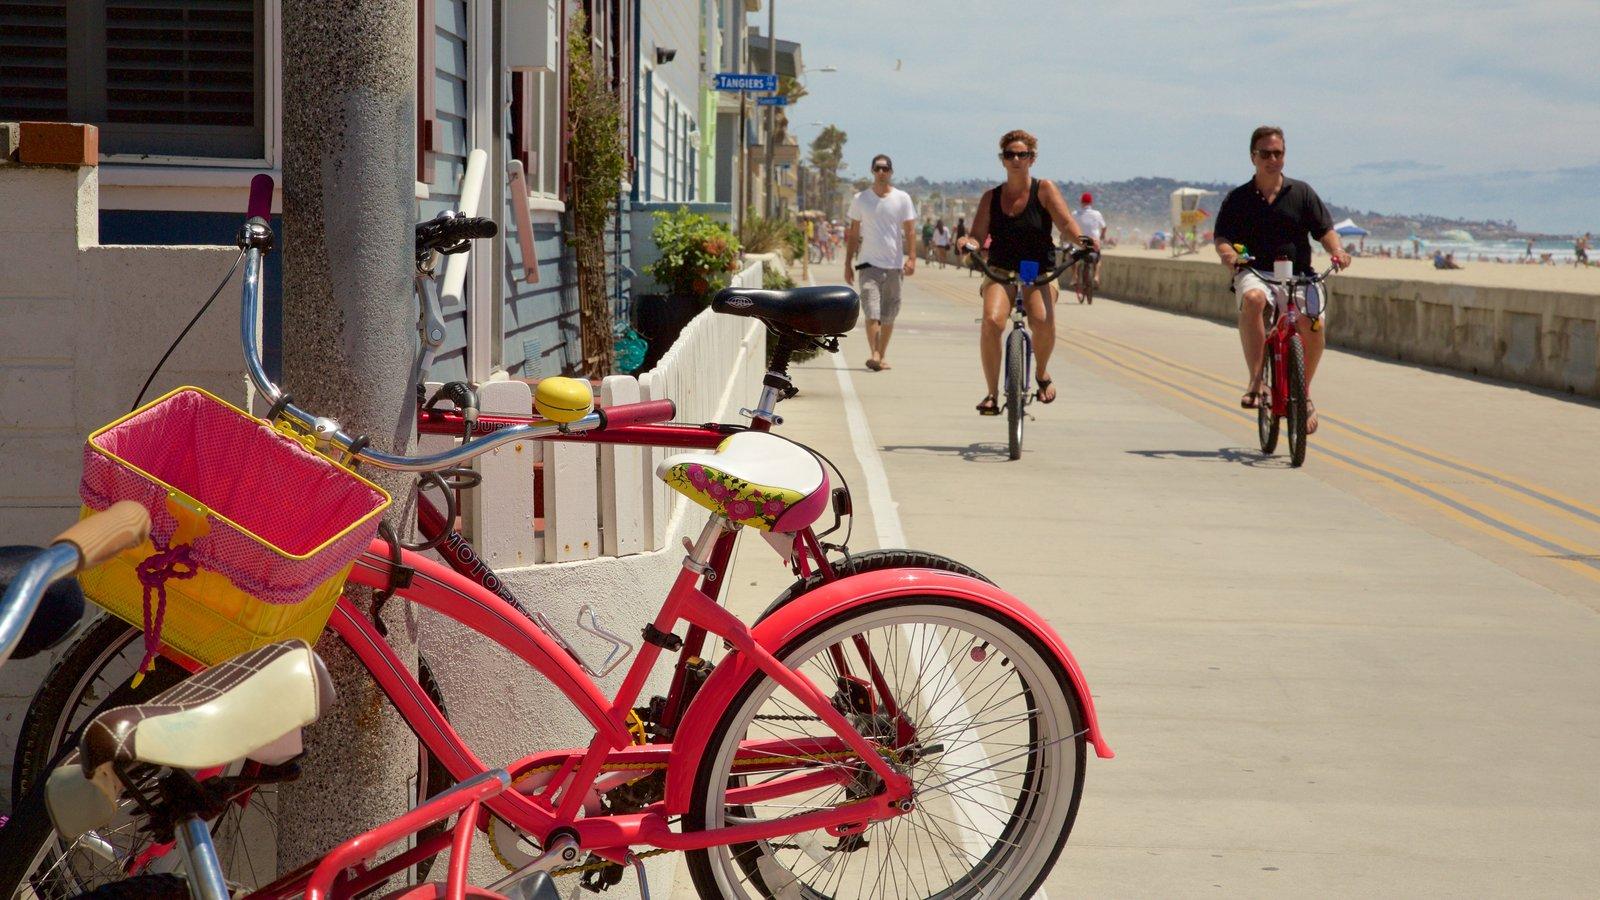 Pacific Beach Park mostrando cenas de rua, uma cidade litorânea e ciclismo